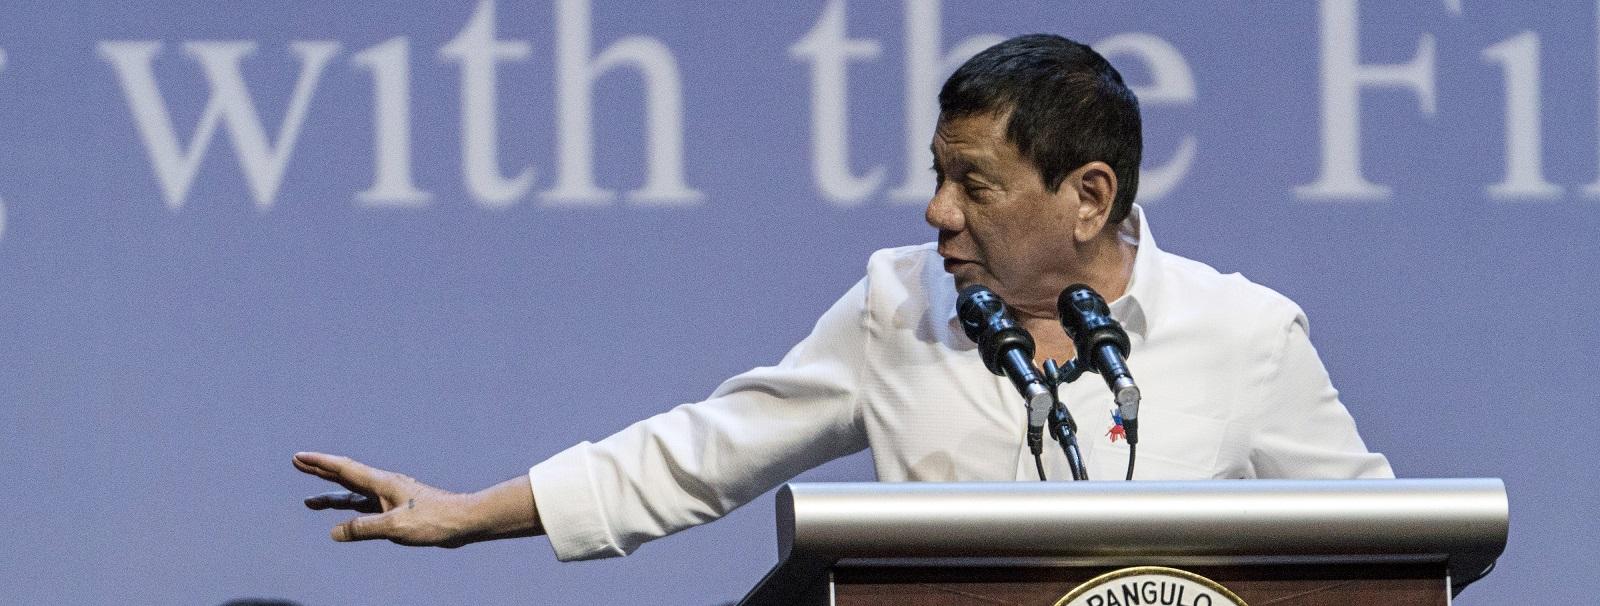 Rodrigo Duterte in Singapore on 16 December (Photo: Bryan van der Beek/Getty Images)